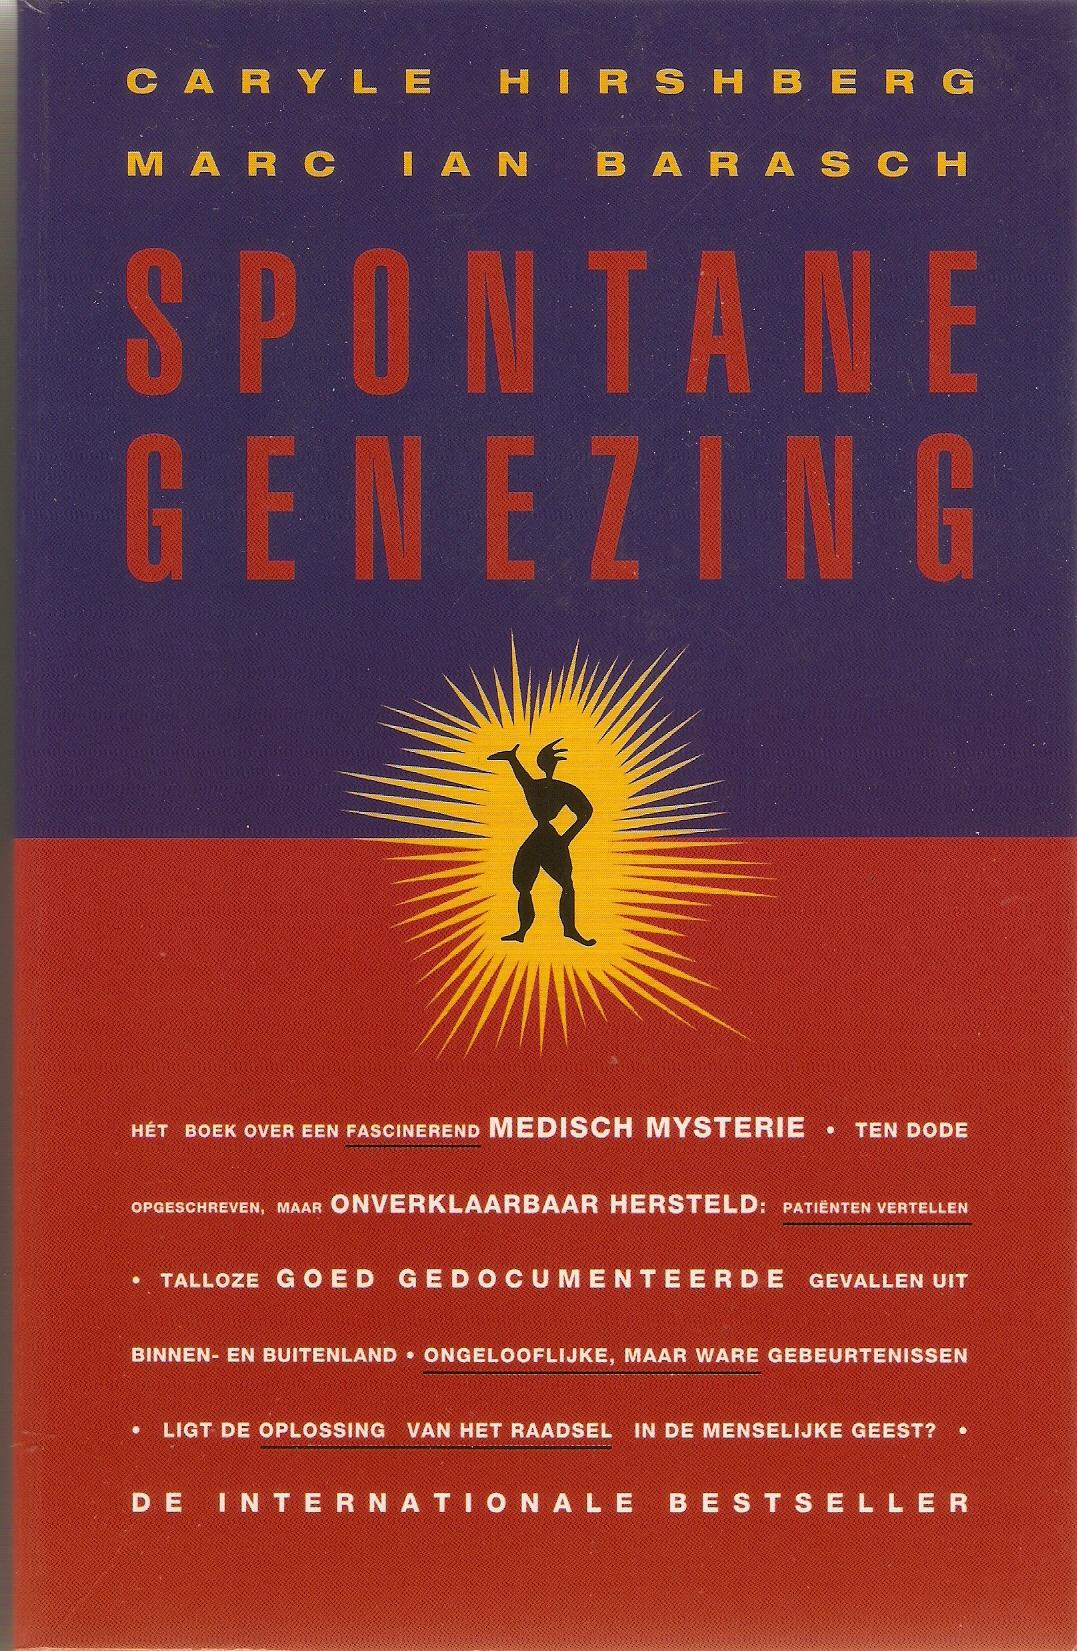 boek-omslag-caryle-hirshberg-spontane-genezing